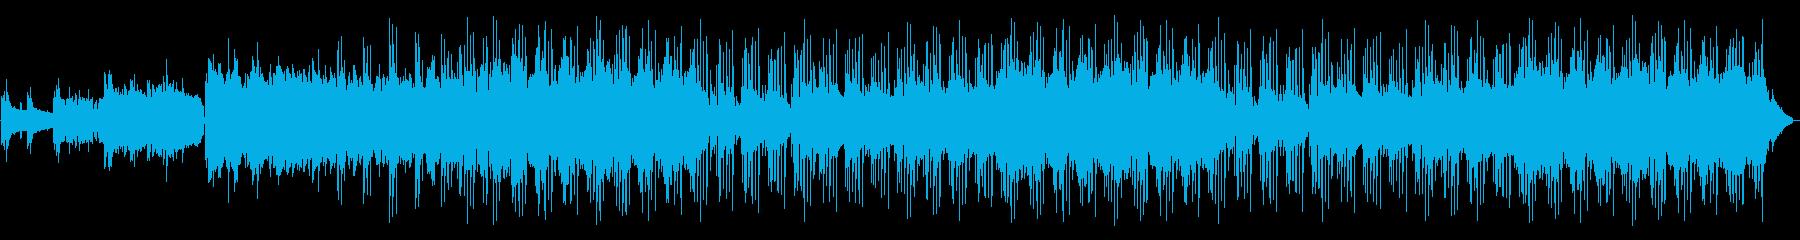 ペニーホイッスル、アコースティック...の再生済みの波形